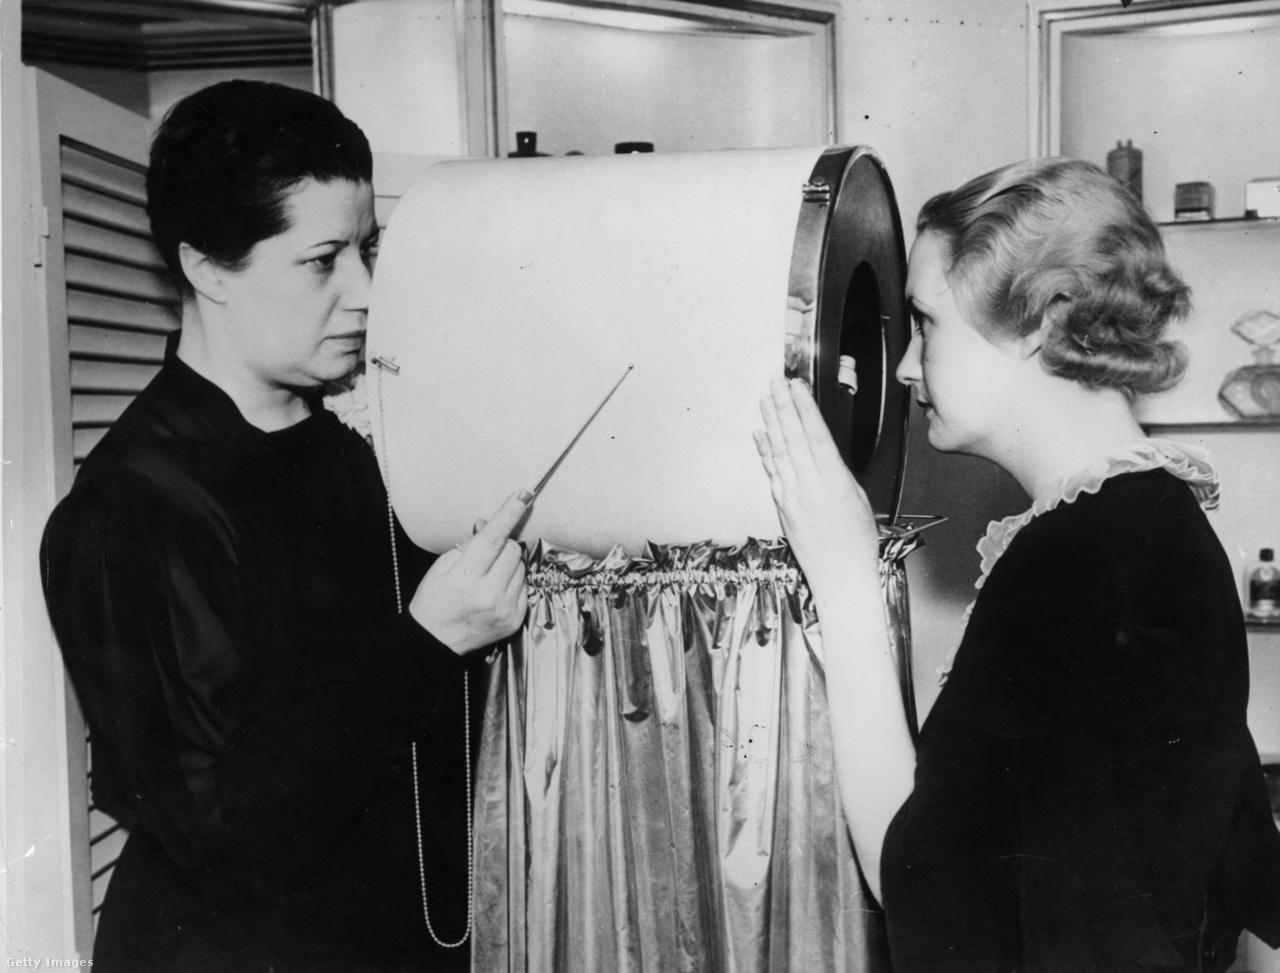 1935: a szépségipar egyik korai diagnosztikai eszköze, az arcráncdetektor. A gép a benne lévő erős nagyítólencsékkel a szemmel nehezen észrevehető ráncokat, a legkisebb szarkalábakat is kimutatta, hogy aztán a megfelelő bőrápolási kezelést kaphassa a kuncsaft.